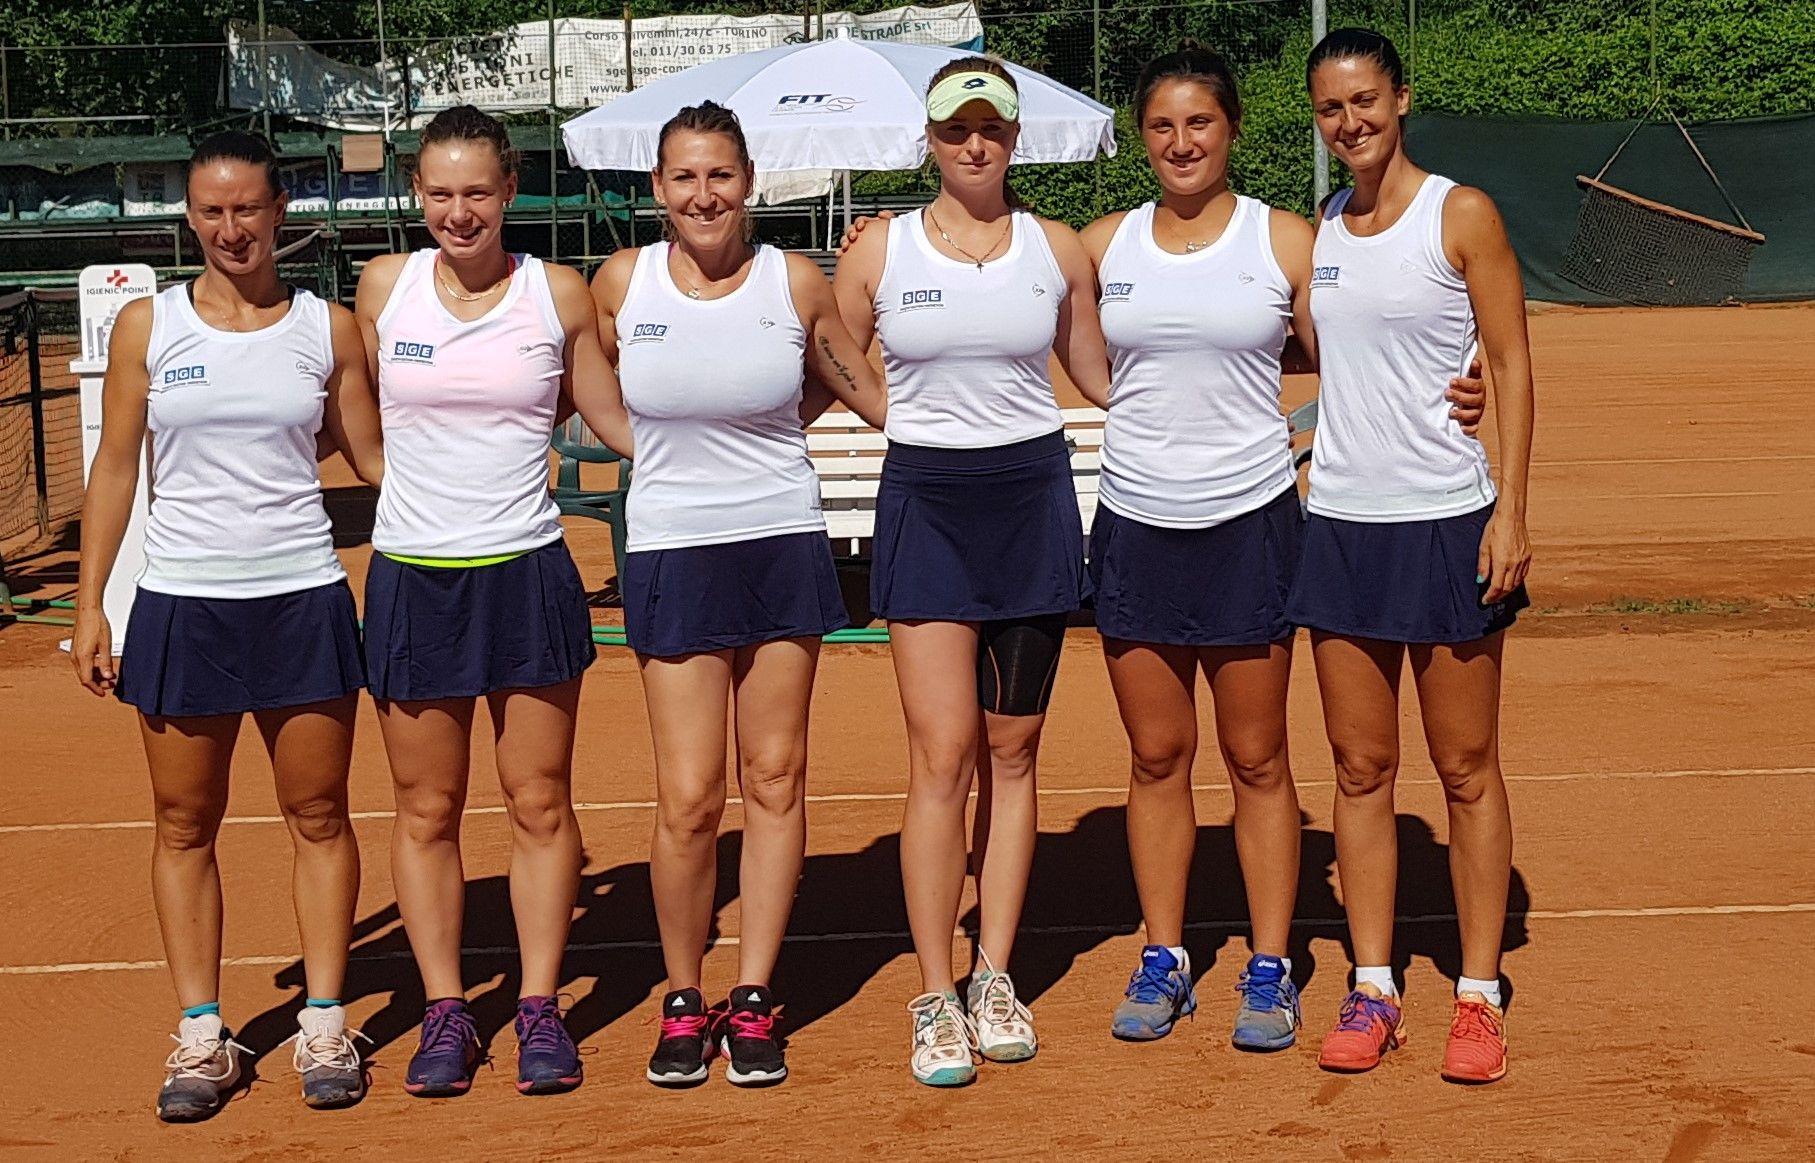 In foto da sx Federica Di Sarra, Maria Canavese, la capitana Cristina Coletto, Maria Marfutina, Federica Rossi, Giulia Gatto Monticone